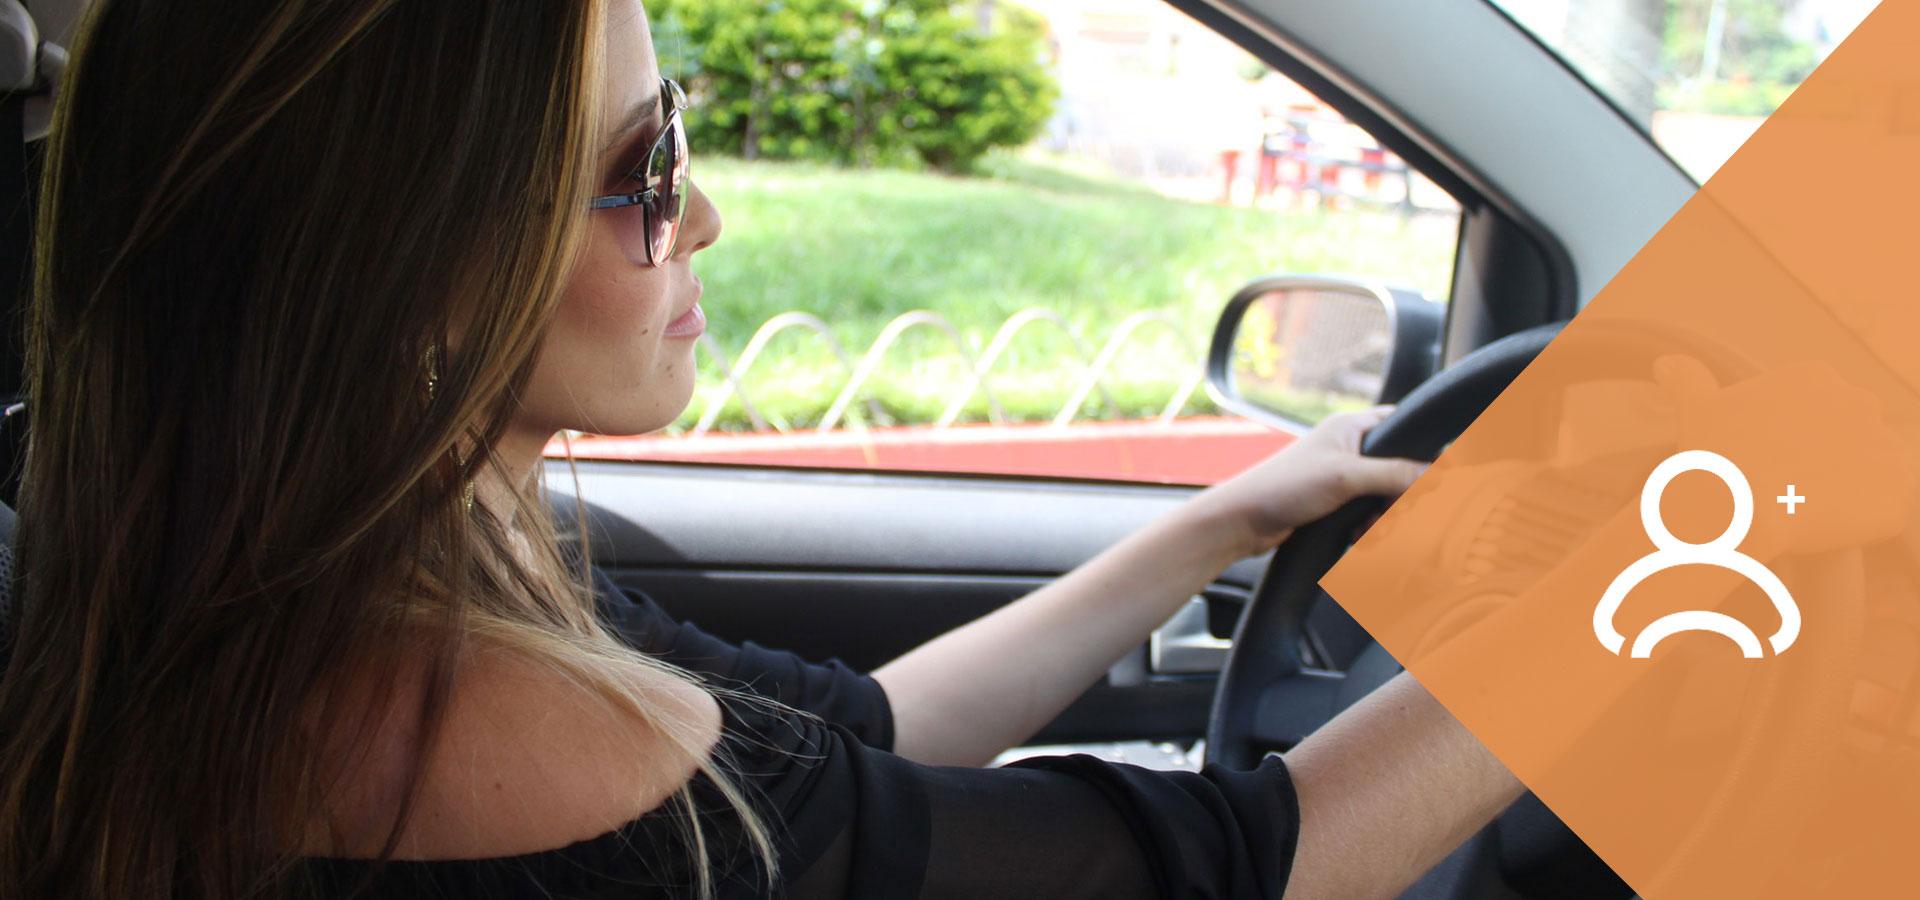 alquiler-de-coche-en-madrid-con-conductor-adicional